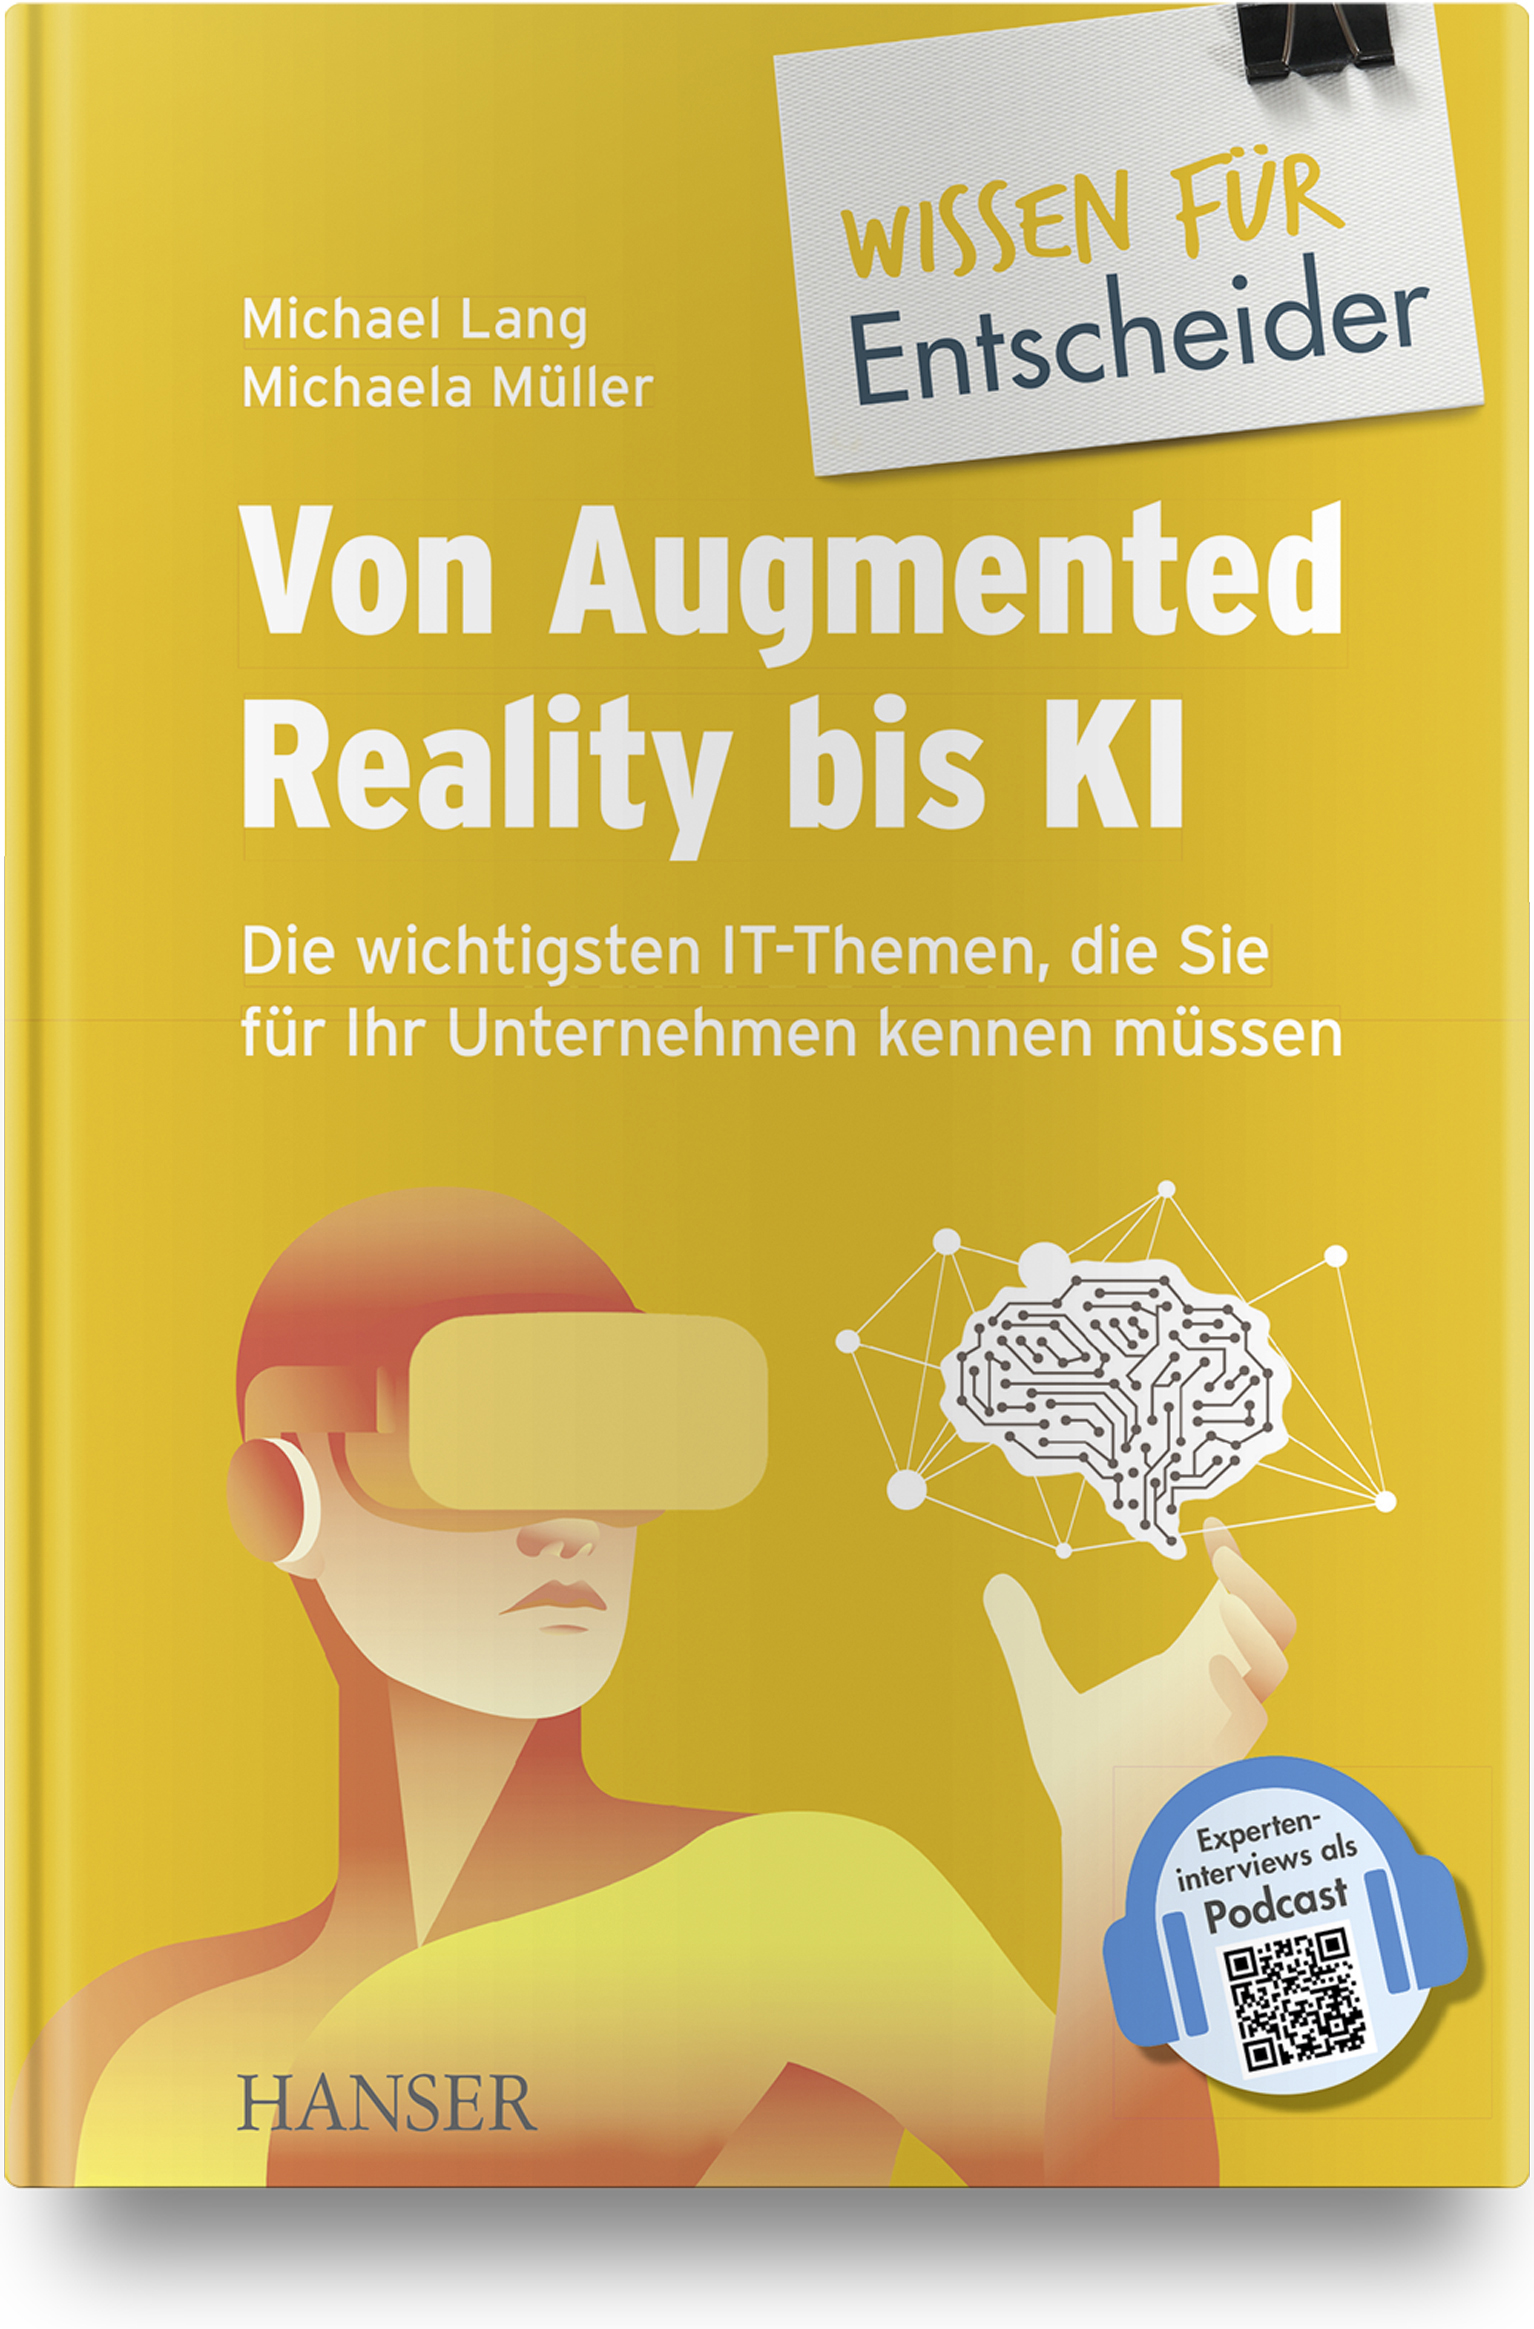 Von Augmented Reality bis KI - Die wichtigsten IT-Themen, die Sie für Ihr Unternehmen kennen müssen, 978-3-446-45915-1